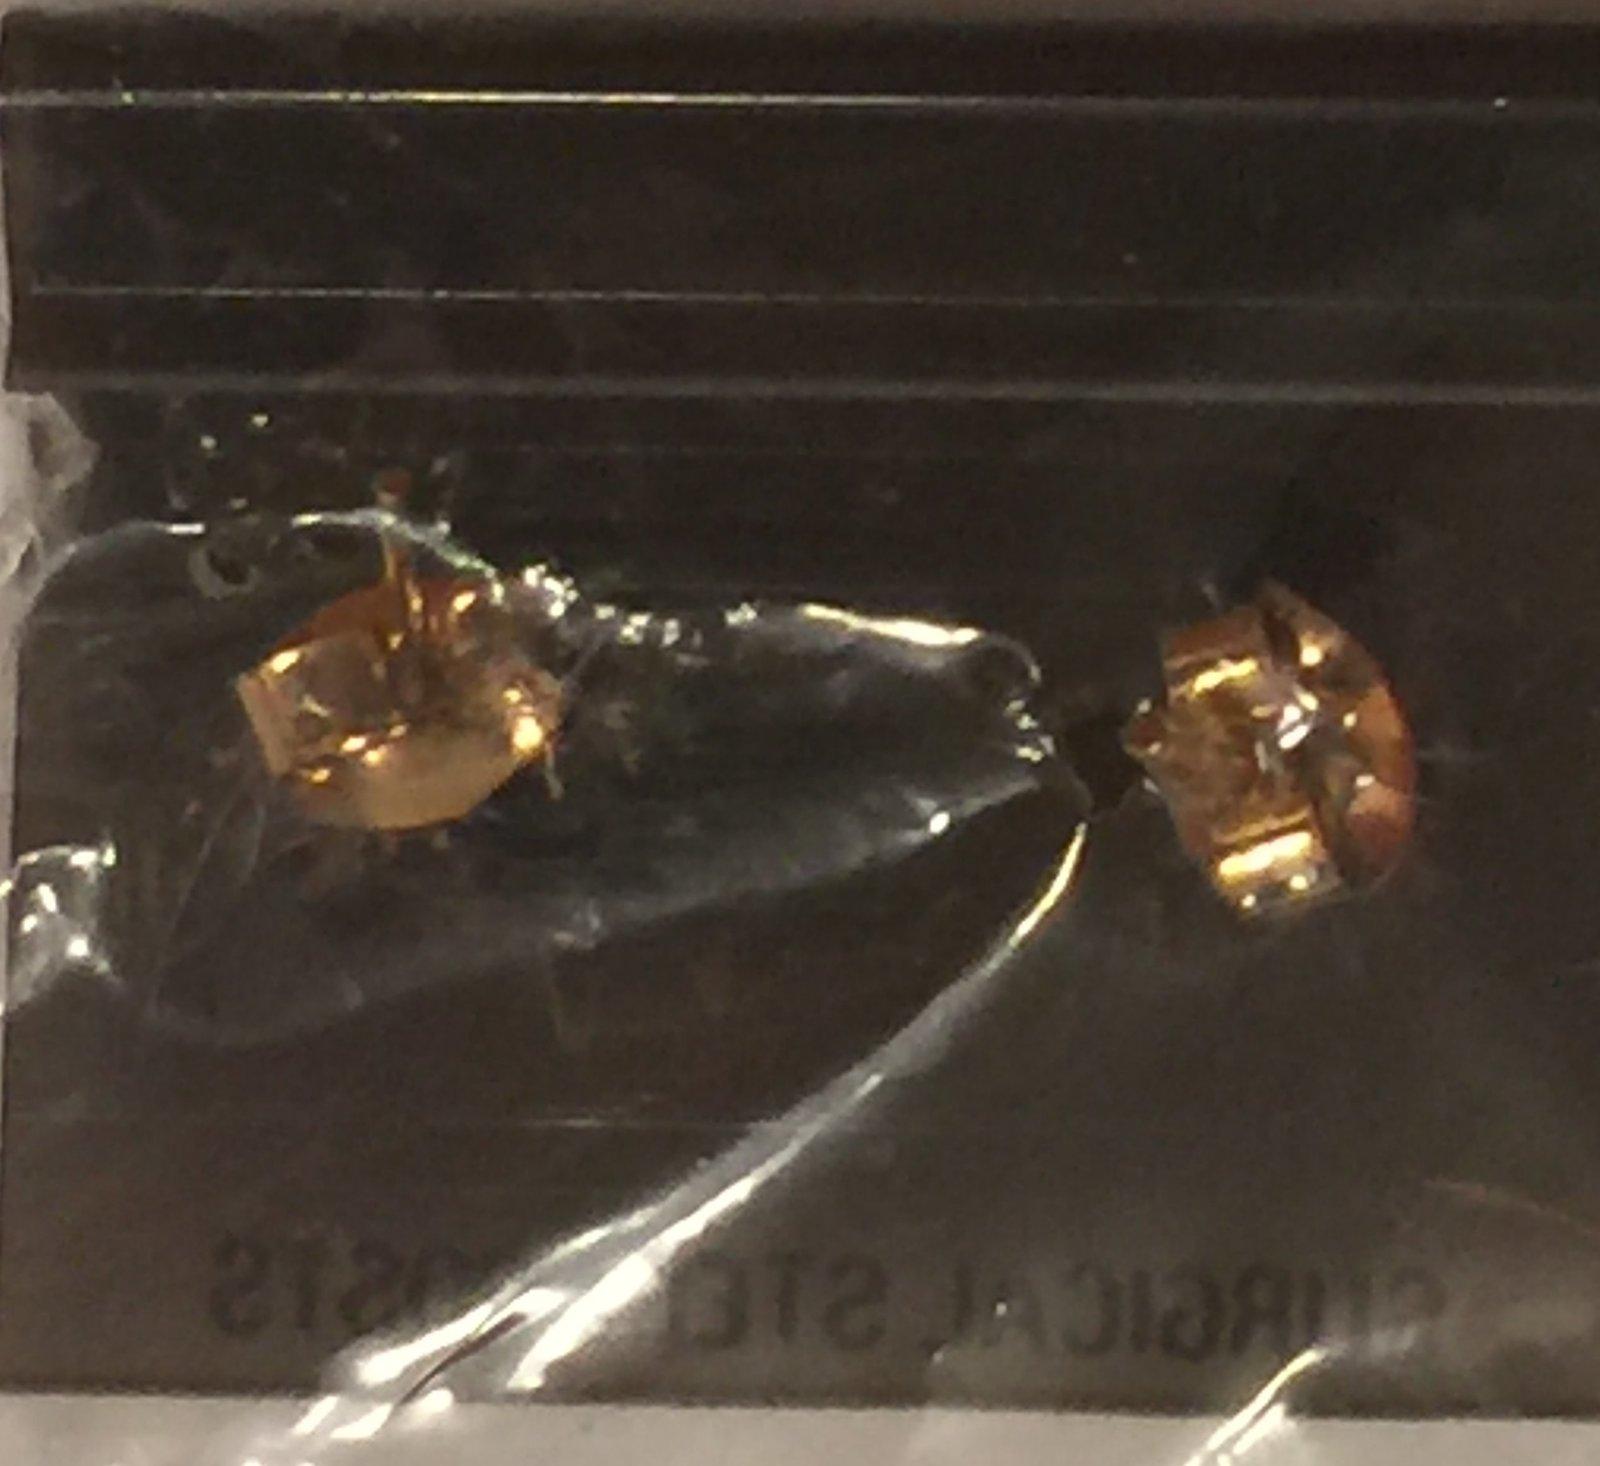 VTG 80s Earrings~Genuine Dentelle West German Crystal Rhinestone/Faux Pearl Stud image 6